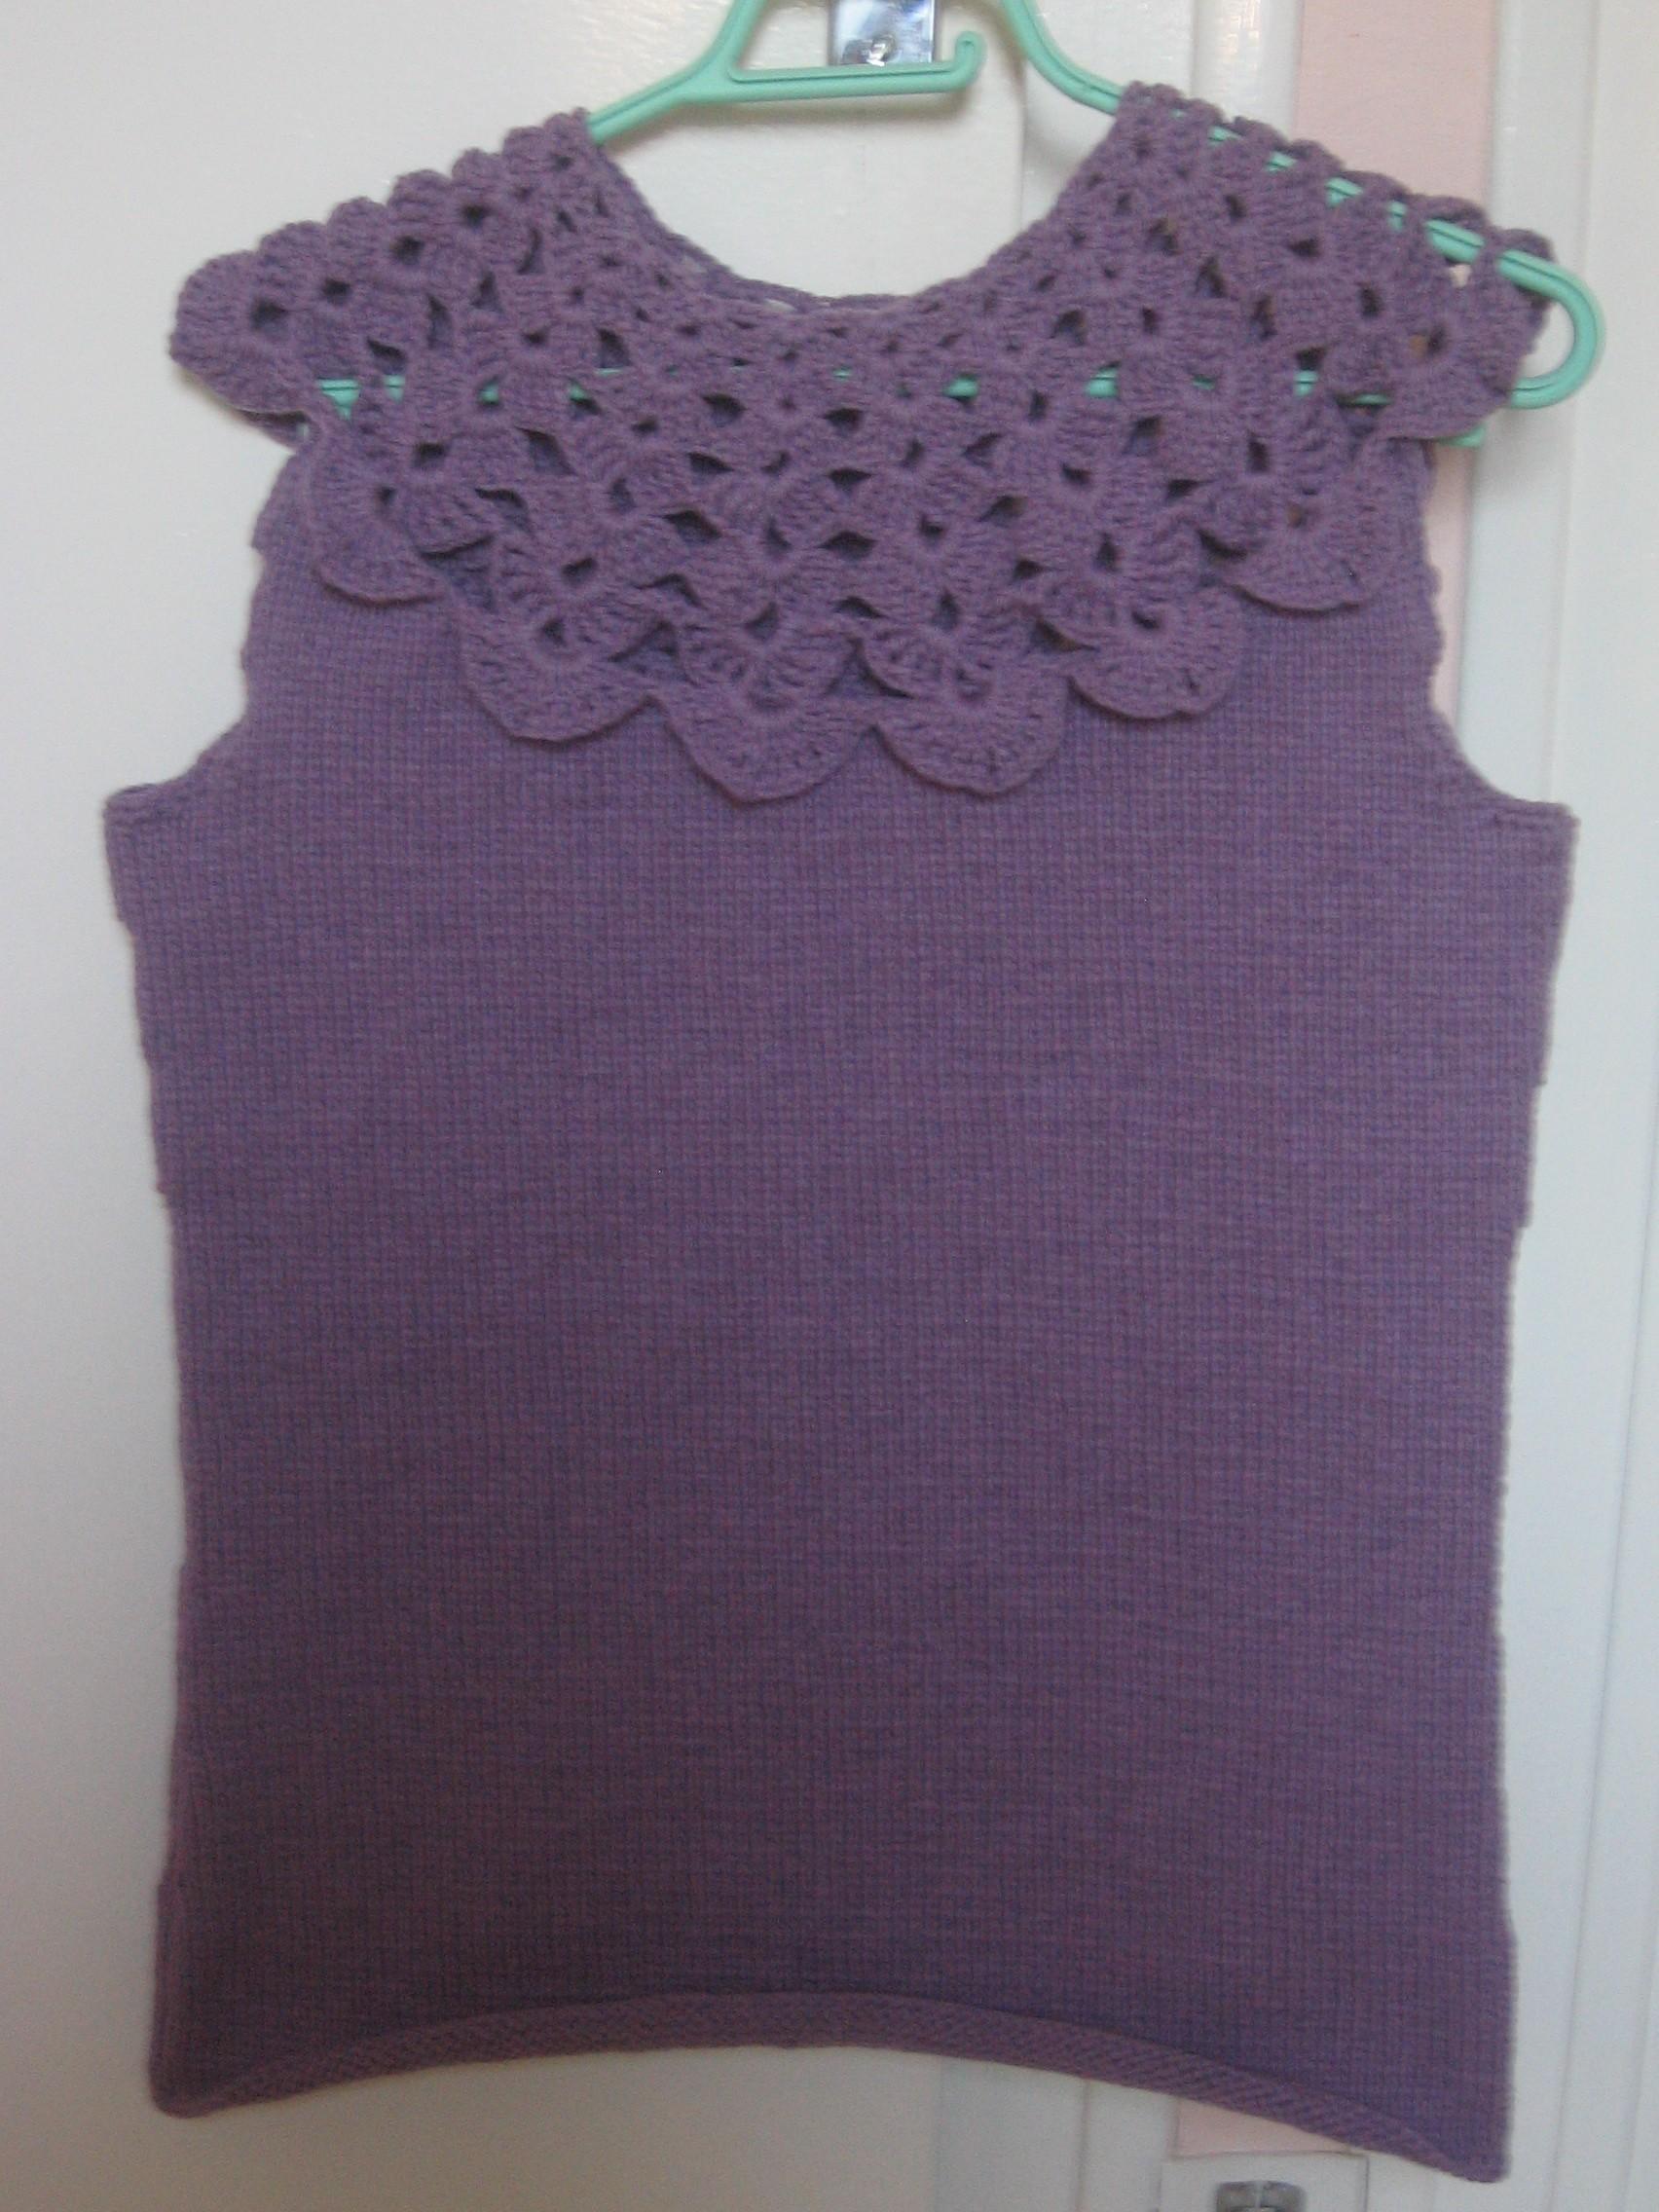 http://sd-2.archive-host.com/membres/images/97526661031680376/VETEMENTS_AU_CROCHET/Debardeur_Tricot-Crochet_Violet/IMG_1873.JPG